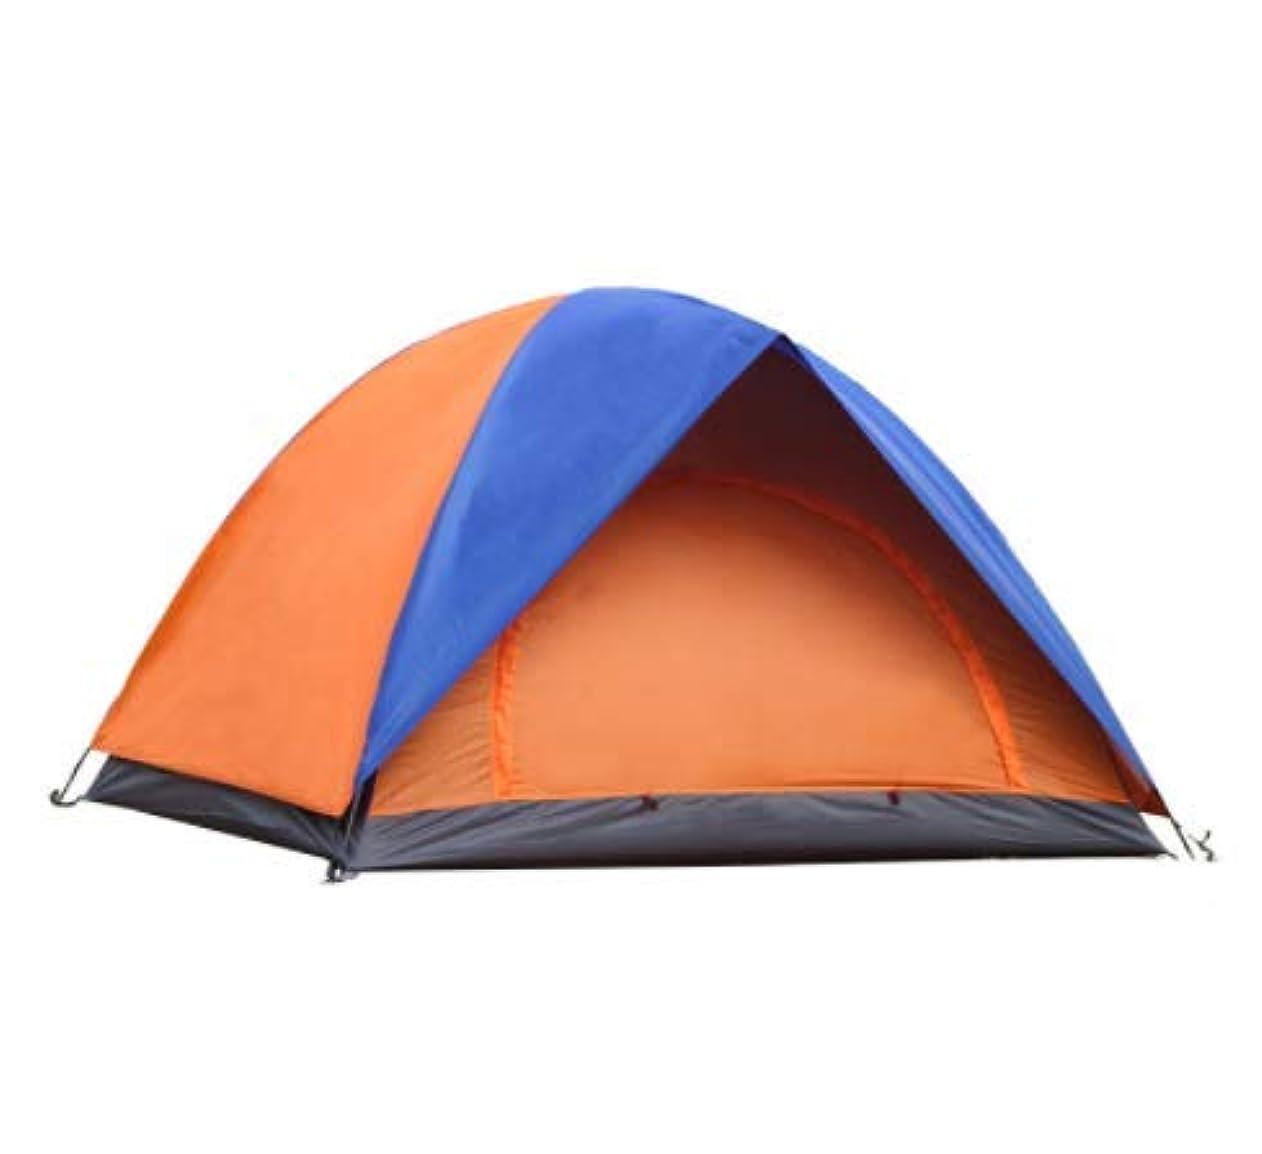 冷蔵する悔い改め習字Sun-happyyaa 200 * 200 * 135センチ屋外スポーツキャンプ防風防水防雨テント3-4人キャンプ用品キャンプテント家族テント 購入へようこそ (Color : Orange)